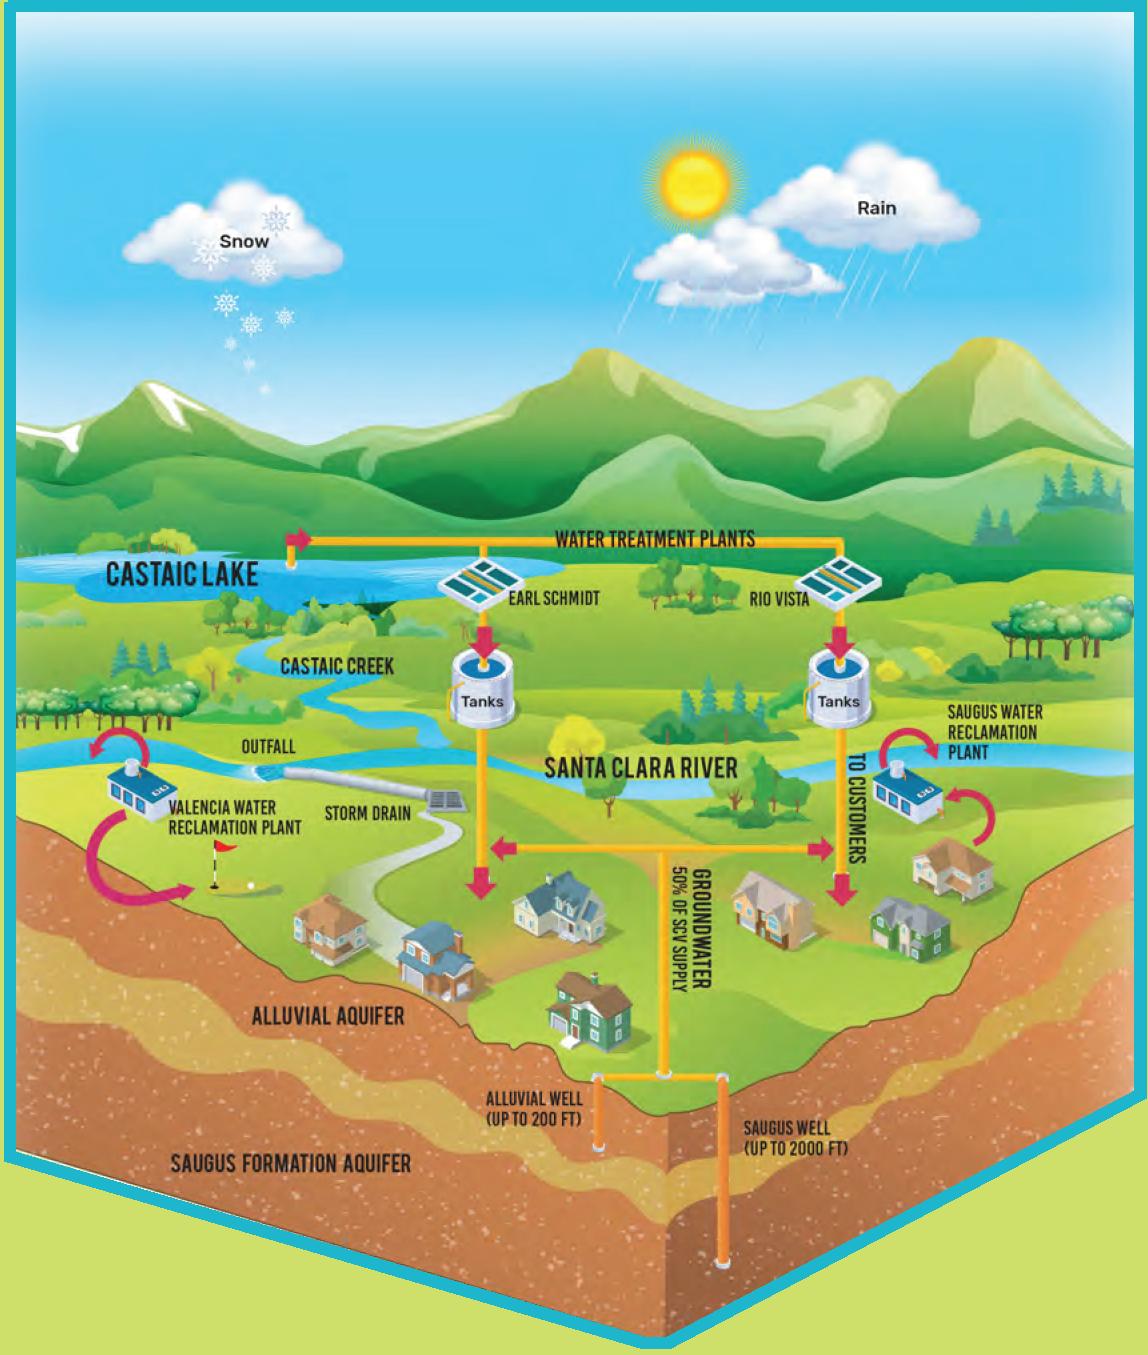 Upper Santa Clara River Watershed